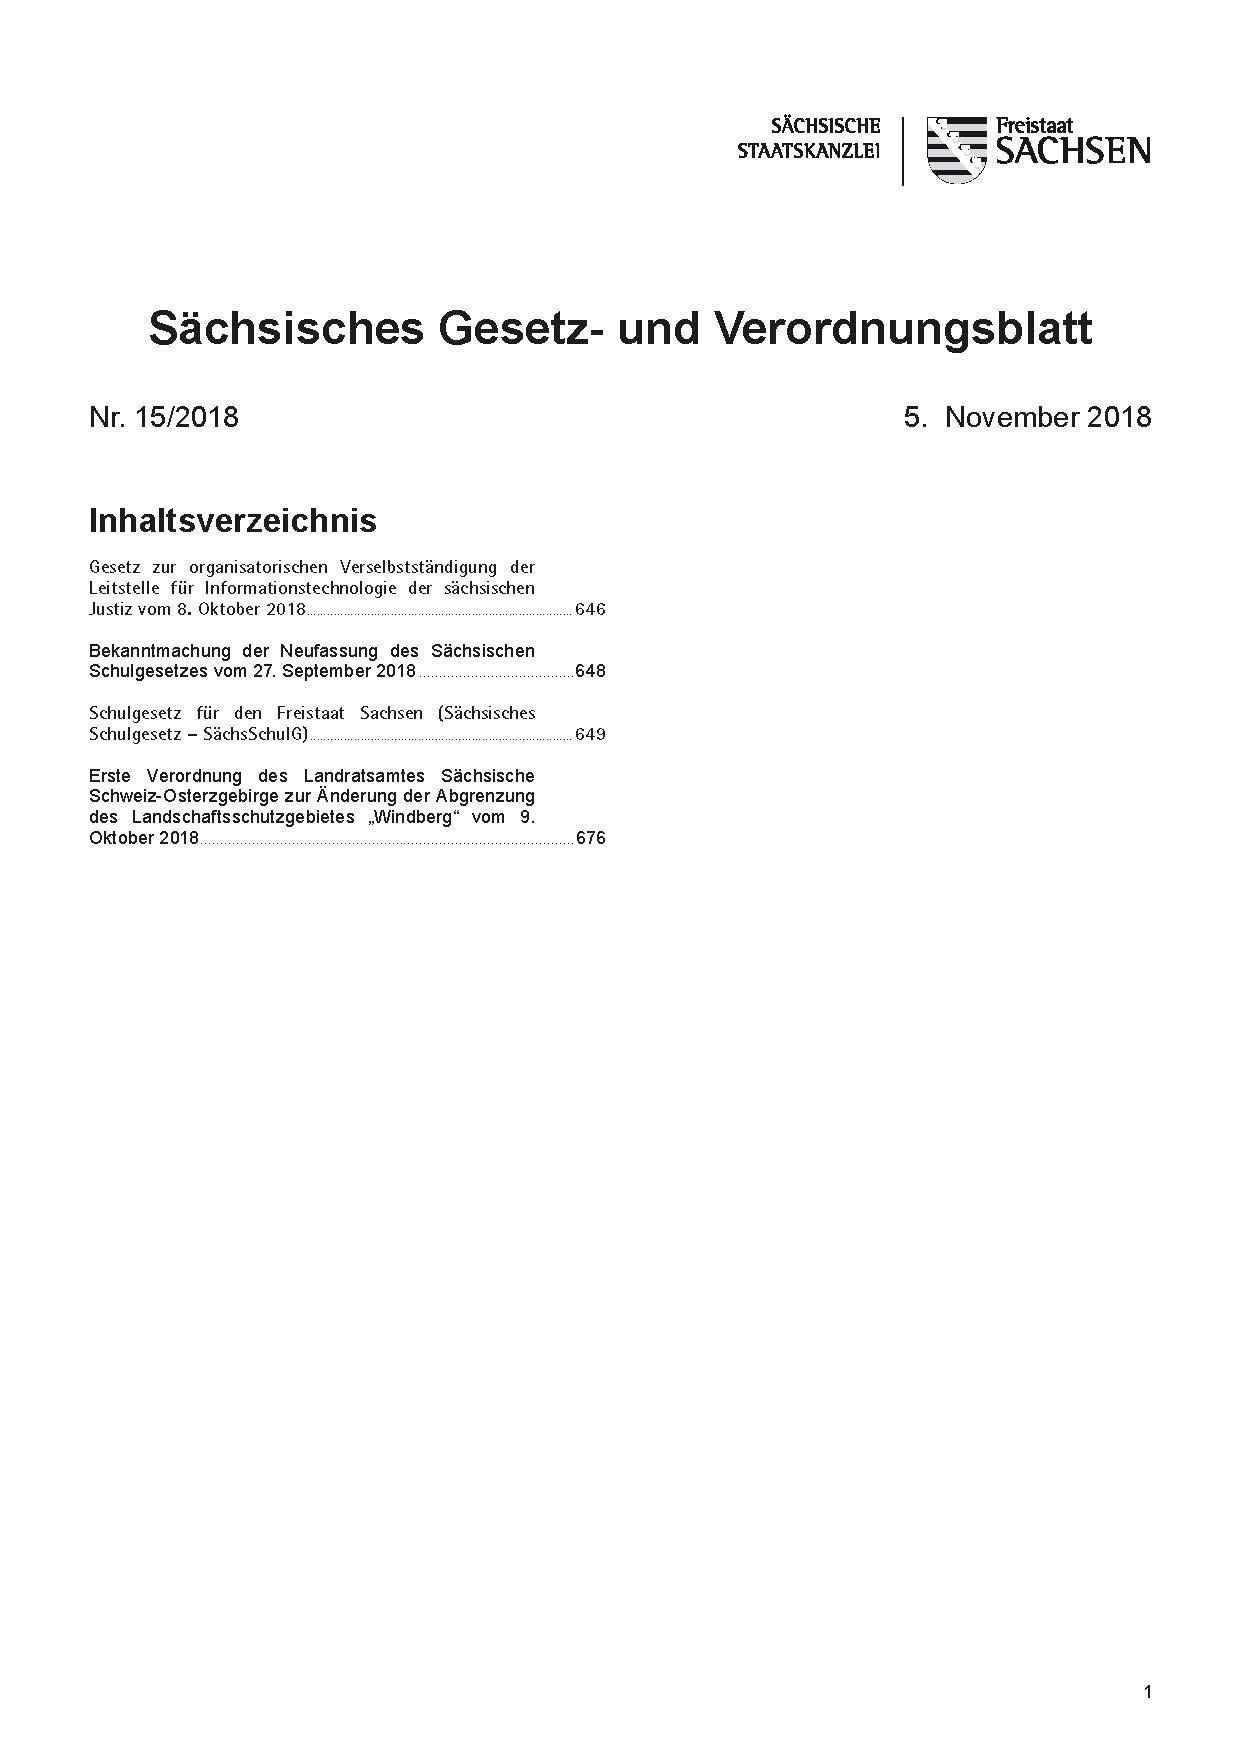 Sächsisches Gesetz- und Verordnungsblatt (kleine Gemeindelizenz)